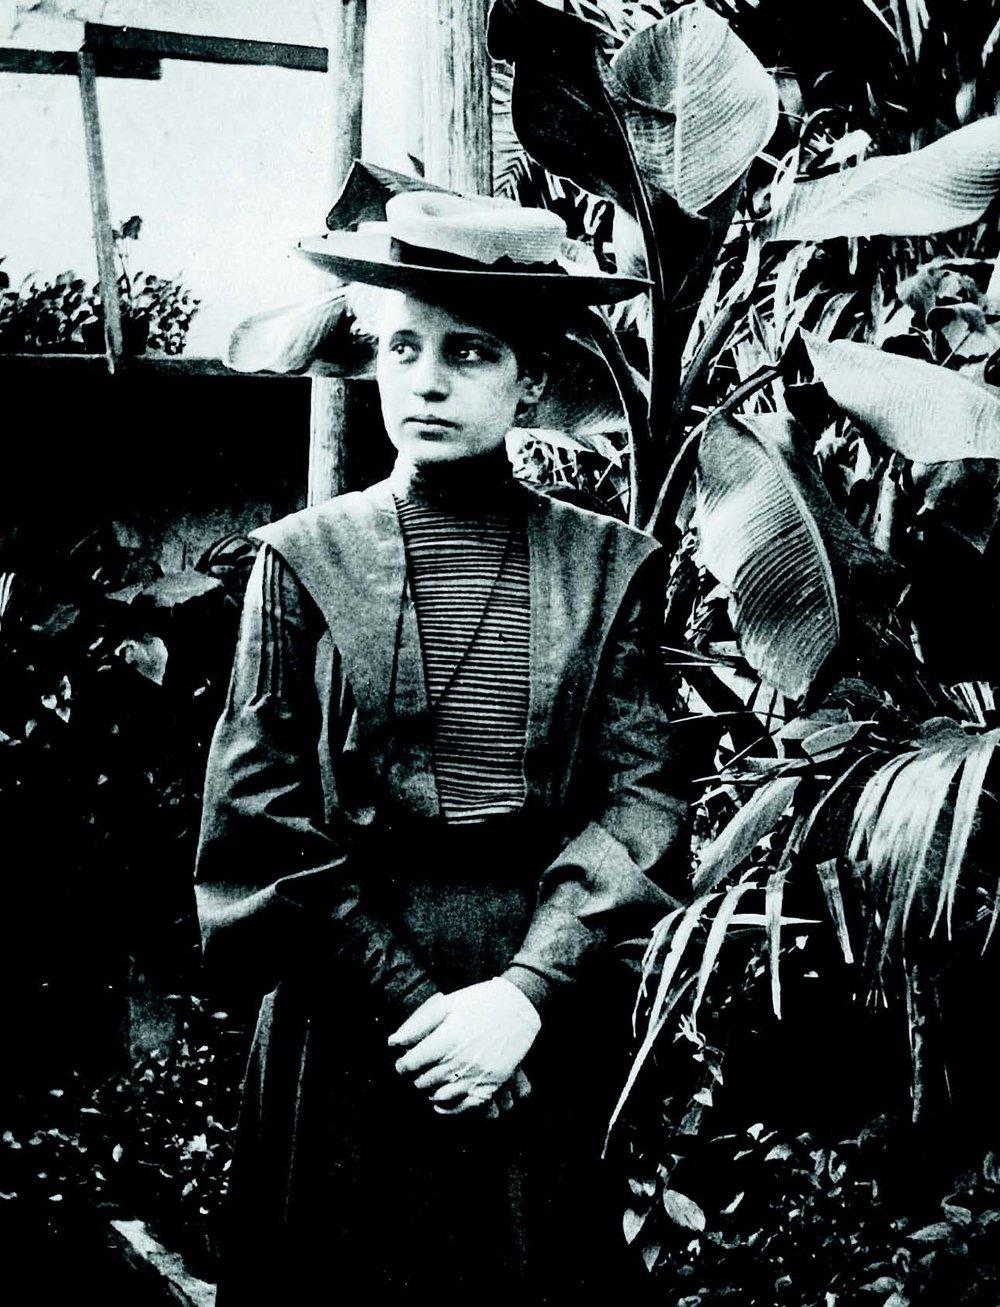 Photo (c) Sophie: A Digital Library of Works by German-Speaking Women (sophie.byu.edu)